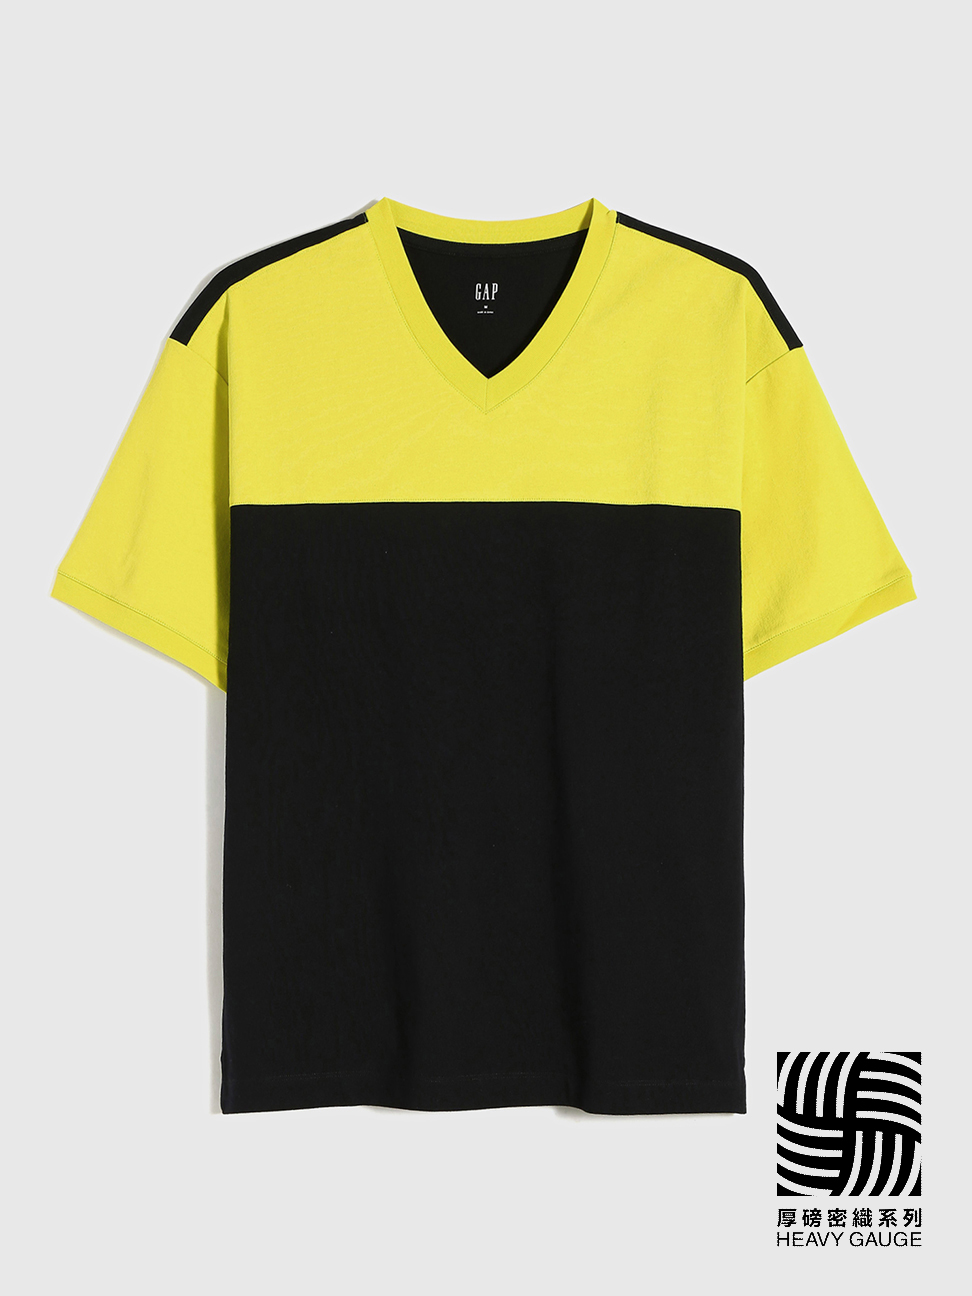 男裝 厚磅密織系列 純棉質感厚磅短袖T恤